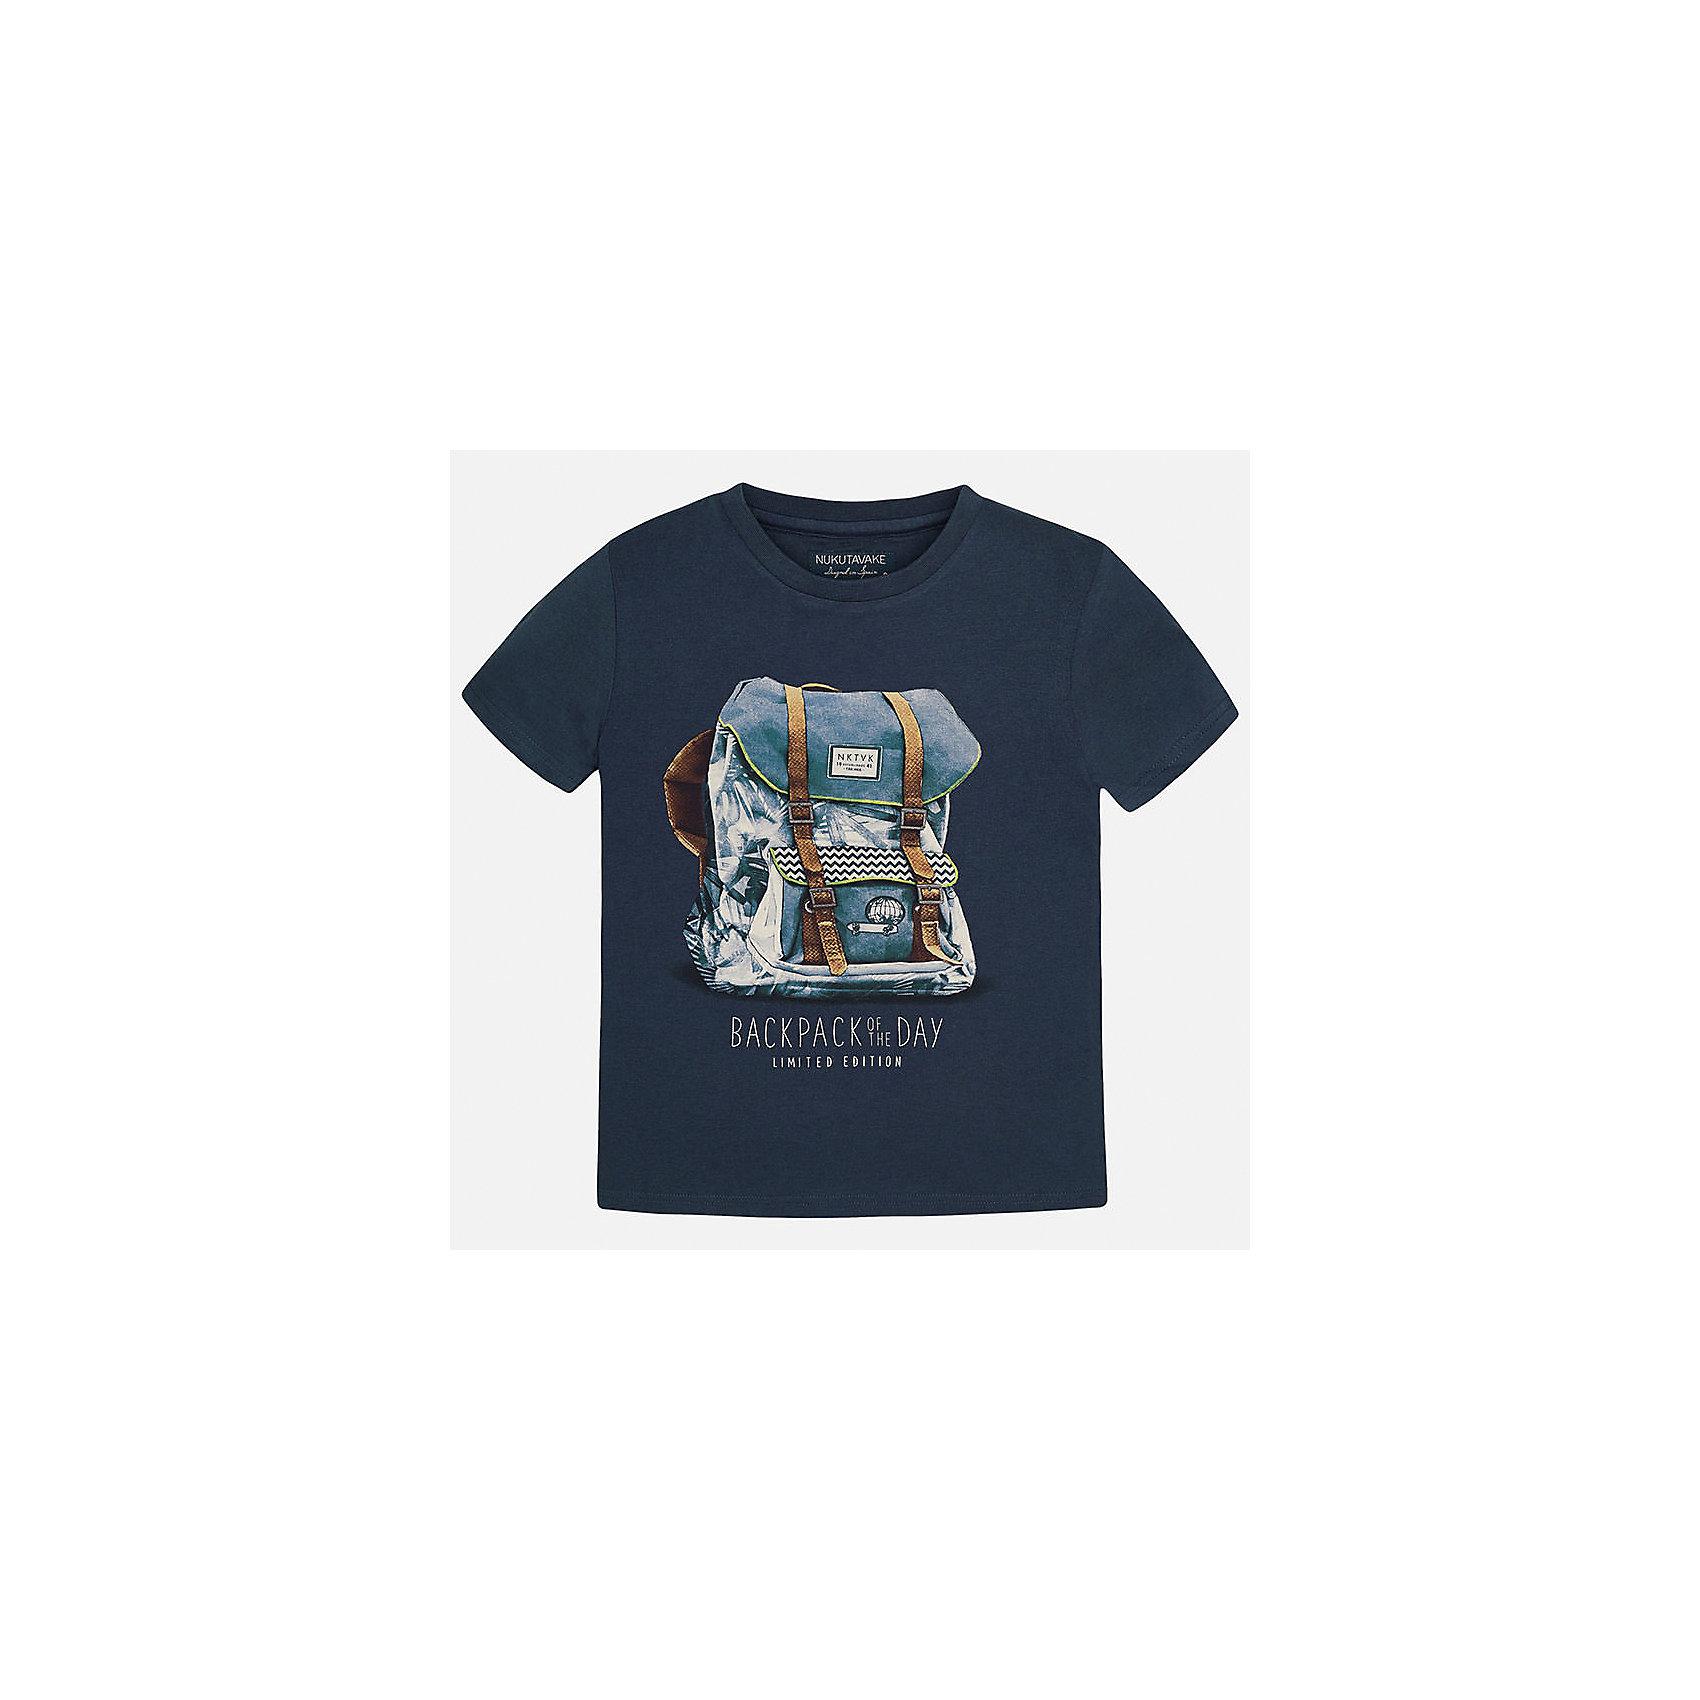 Футболка для мальчика MayoralФутболки, поло и топы<br>Характеристики товара:<br><br>• цвет: темно-синий<br>• состав: 100% хлопок<br>• круглый горловой вырез<br>• принт впереди<br>• короткие рукава<br>• отделка горловины<br>• страна бренда: Испания<br><br>Стильная футболка с принтом поможет разнообразить гардероб мальчика. Она отлично сочетается с брюками, шортами, джинсами и т.д. Универсальный крой и цвет позволяет подобрать к вещи низ разных расцветок. Практичное и стильное изделие! В составе материала - только натуральный хлопок, гипоаллергенный, приятный на ощупь, дышащий.<br>Одежда, обувь и аксессуары от испанского бренда Mayoral полюбились детям и взрослым по всему миру. Модели этой марки - стильные и удобные. Для их производства используются только безопасные, качественные материалы и фурнитура. Порадуйте ребенка модными и красивыми вещами от Mayoral! <br><br>Футболку-поло для мальчика от испанского бренда Mayoral (Майорал) можно купить в нашем интернет-магазине.<br><br>Ширина мм: 199<br>Глубина мм: 10<br>Высота мм: 161<br>Вес г: 151<br>Цвет: желтый<br>Возраст от месяцев: 108<br>Возраст до месяцев: 120<br>Пол: Женский<br>Возраст: Детский<br>Размер: 140,128,152,158,164<br>SKU: 3993343